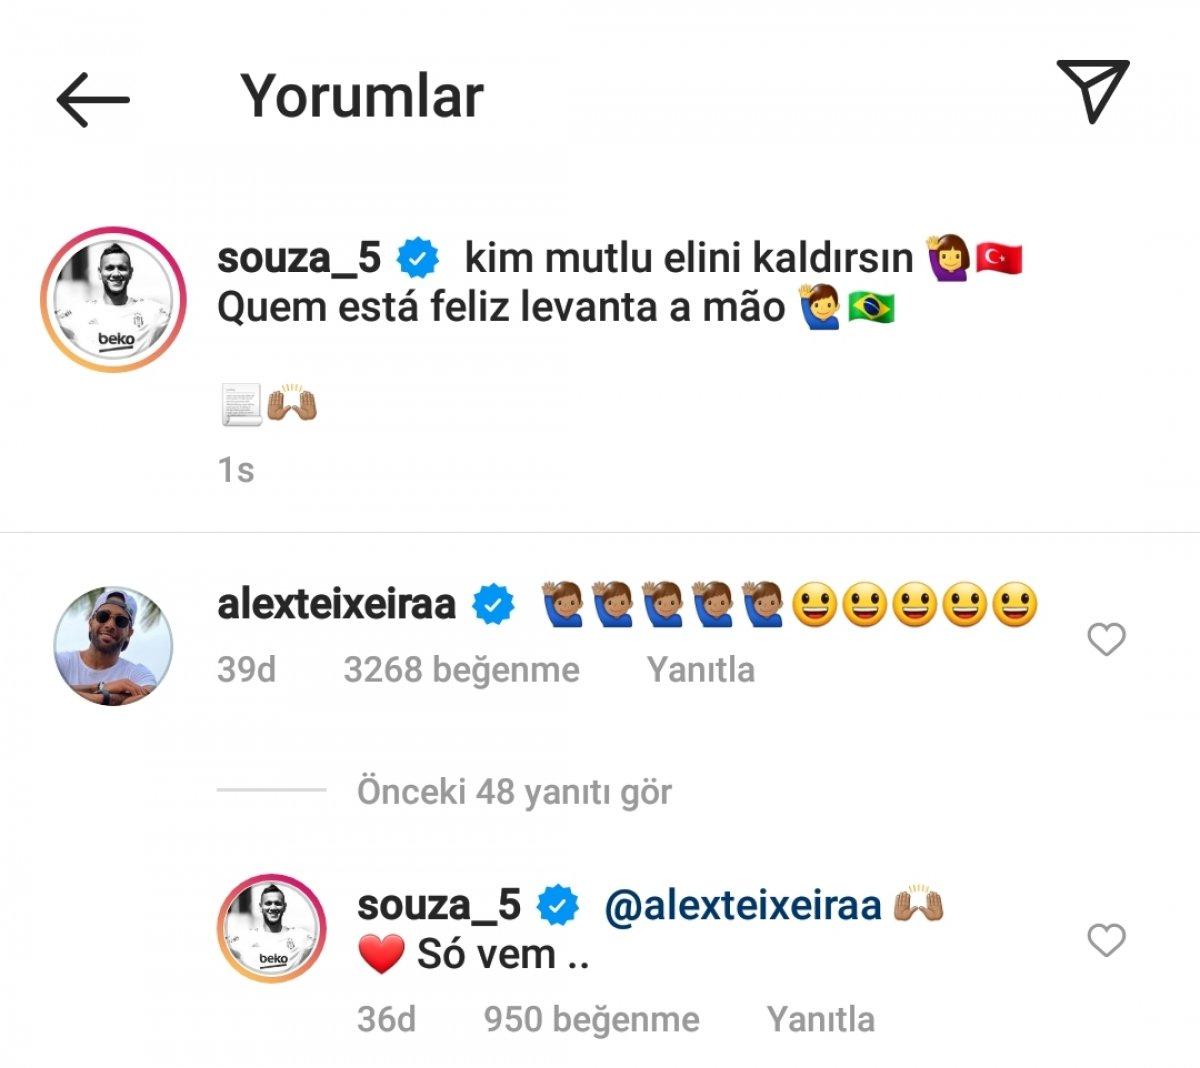 Alex Teixeira sözleşmeyi imzaladı #3